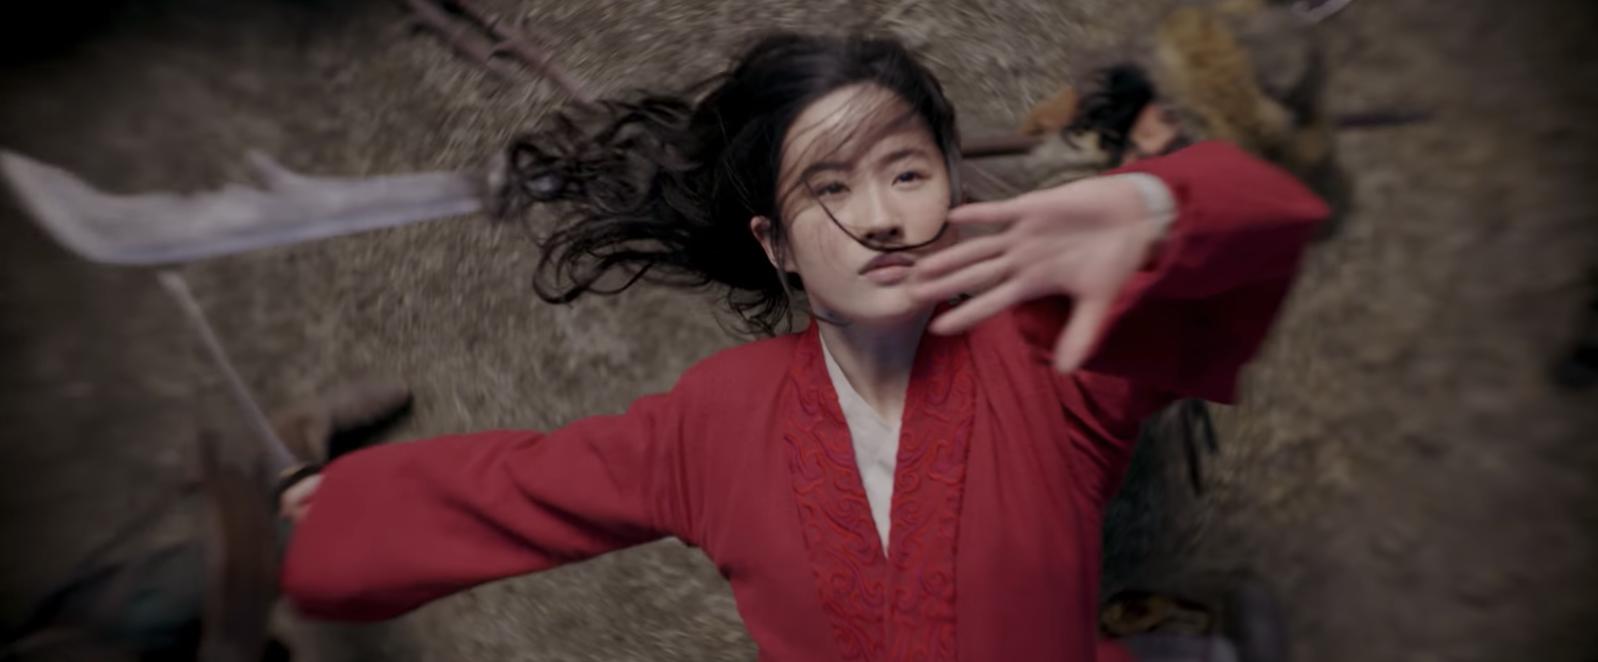 Netizen Trung lẫn Việt đua nhau nổi da gà khi thấy Lưu Diệc Phi trong Mulan: Có hi vọng sau cú vả Ariel rồi! - Ảnh 18.